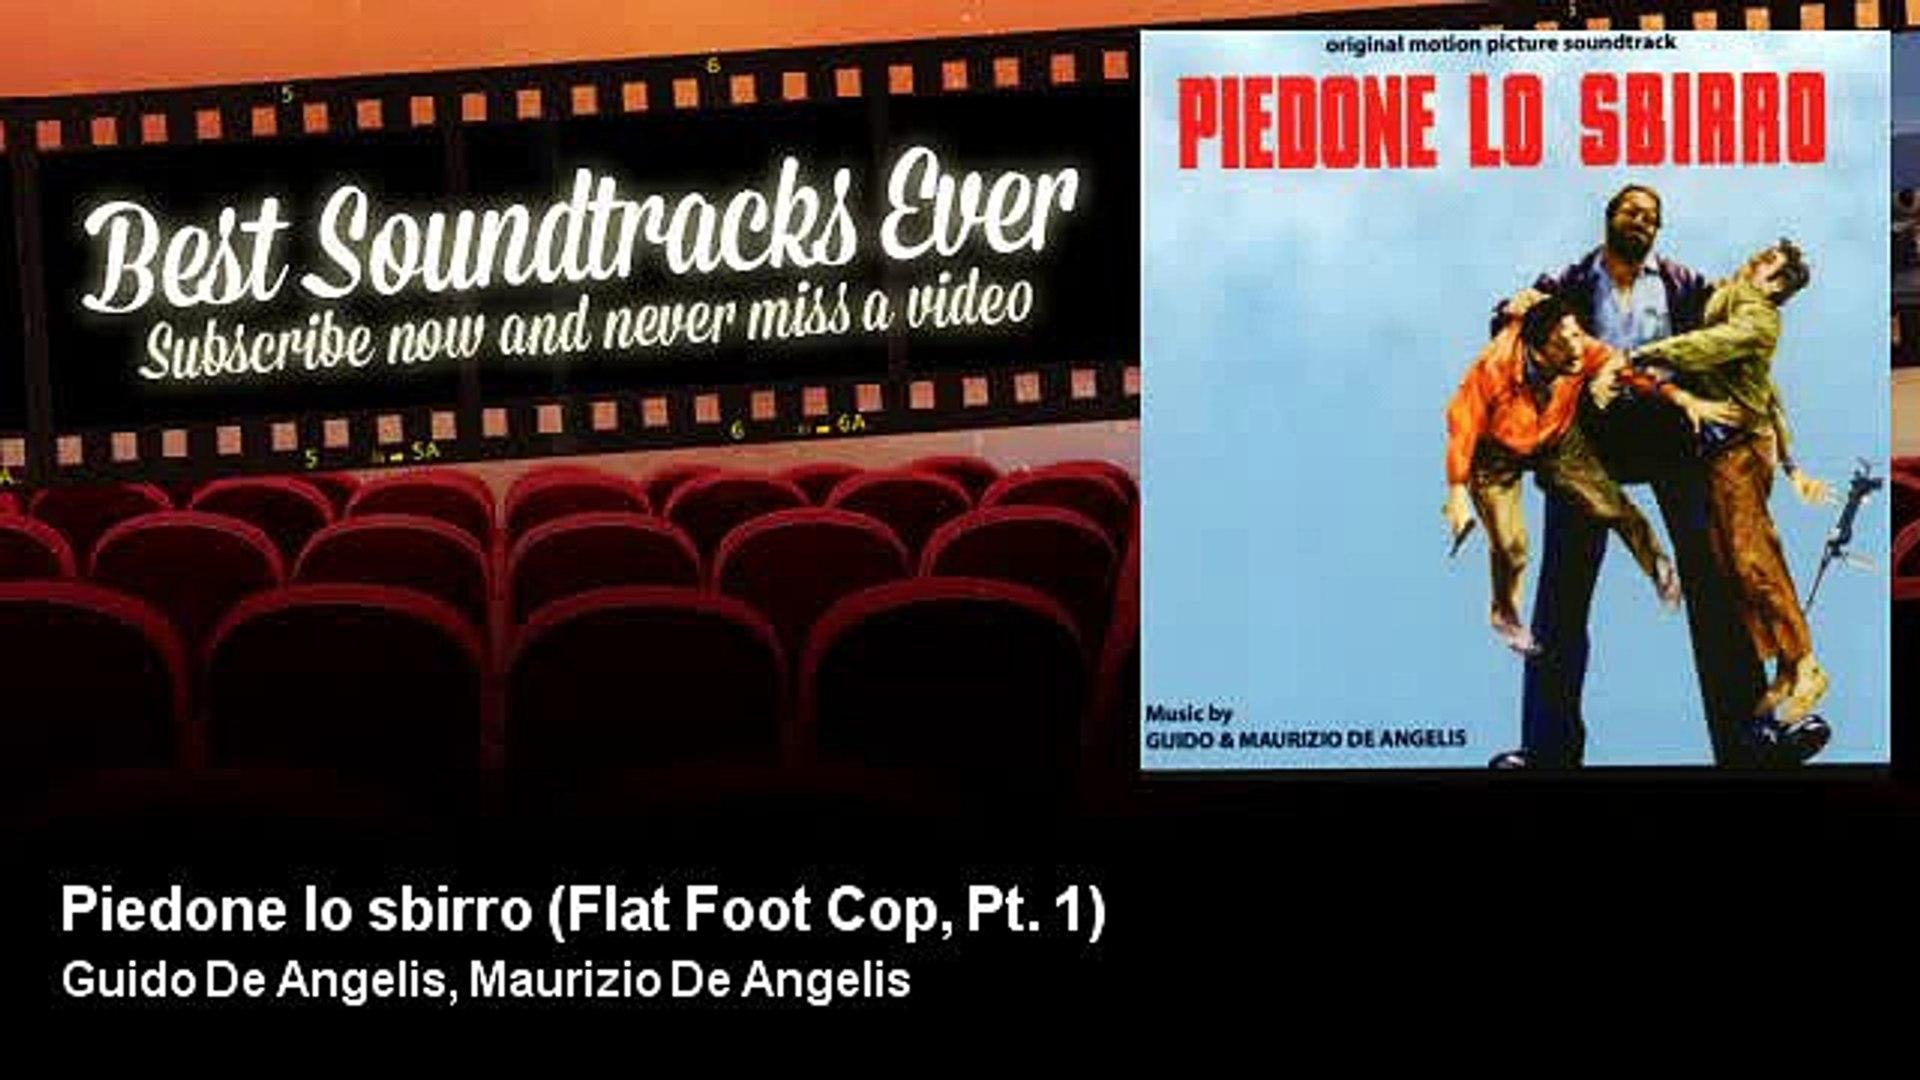 Guido De Angelis, Maurizio De Angelis - Piedone lo sbirro - Flat Foot Cop, Pt. 1